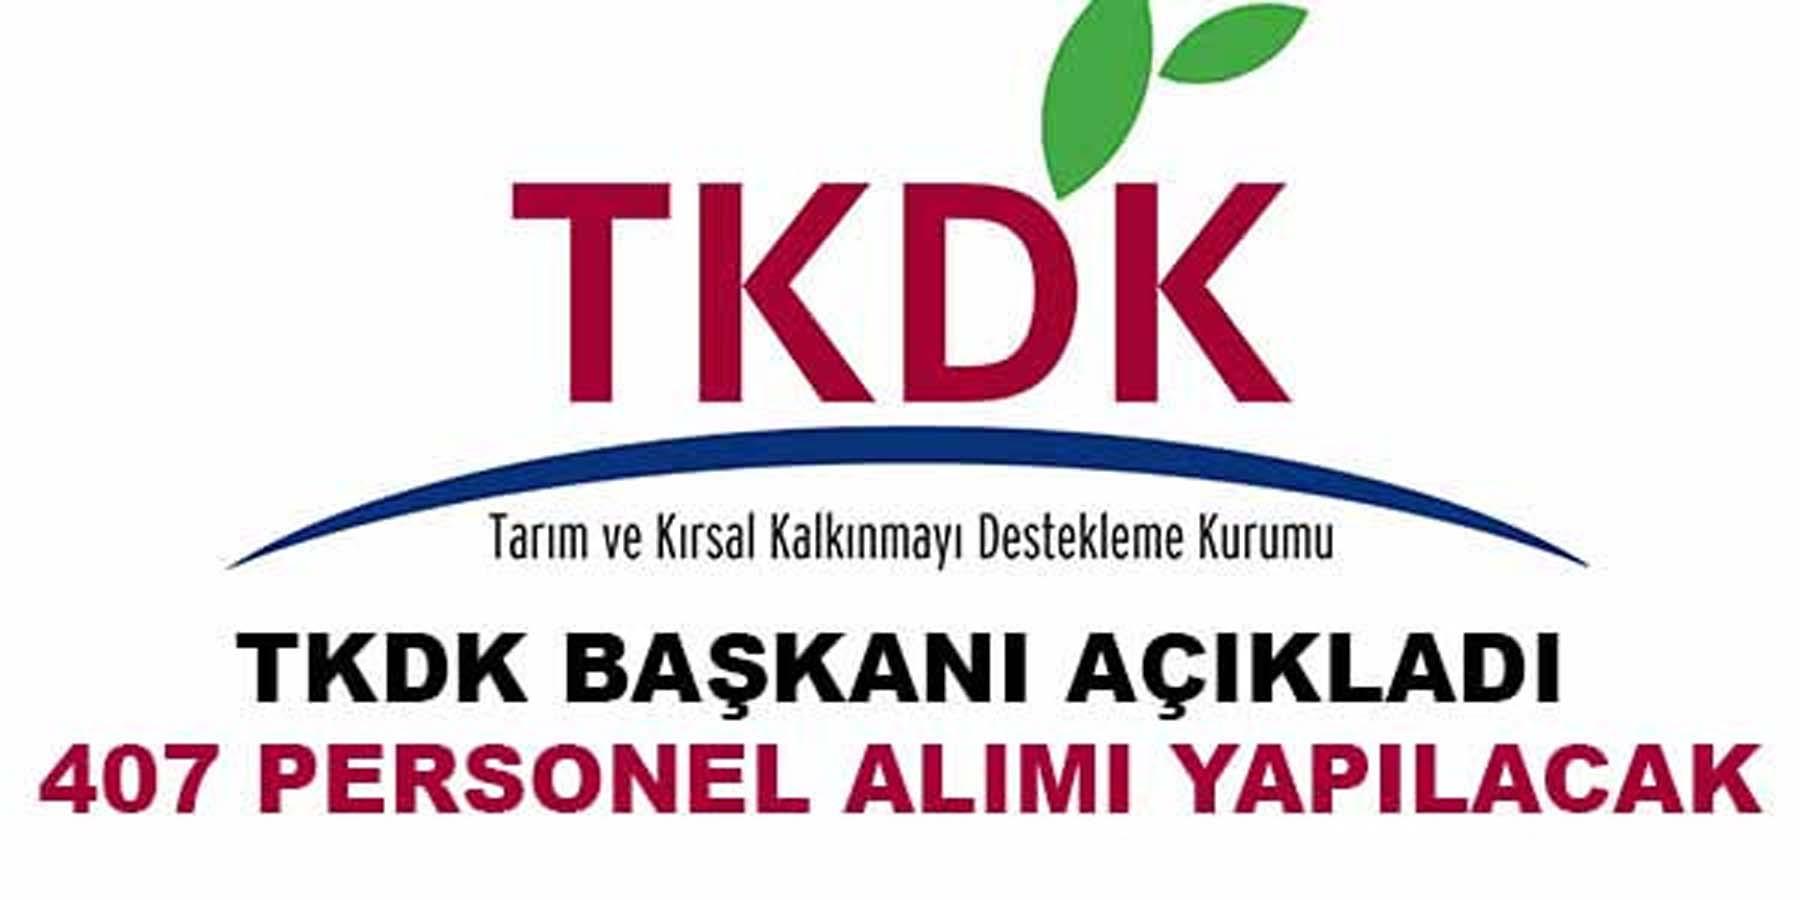 TKDK 407 Personel Alımı Yapacak